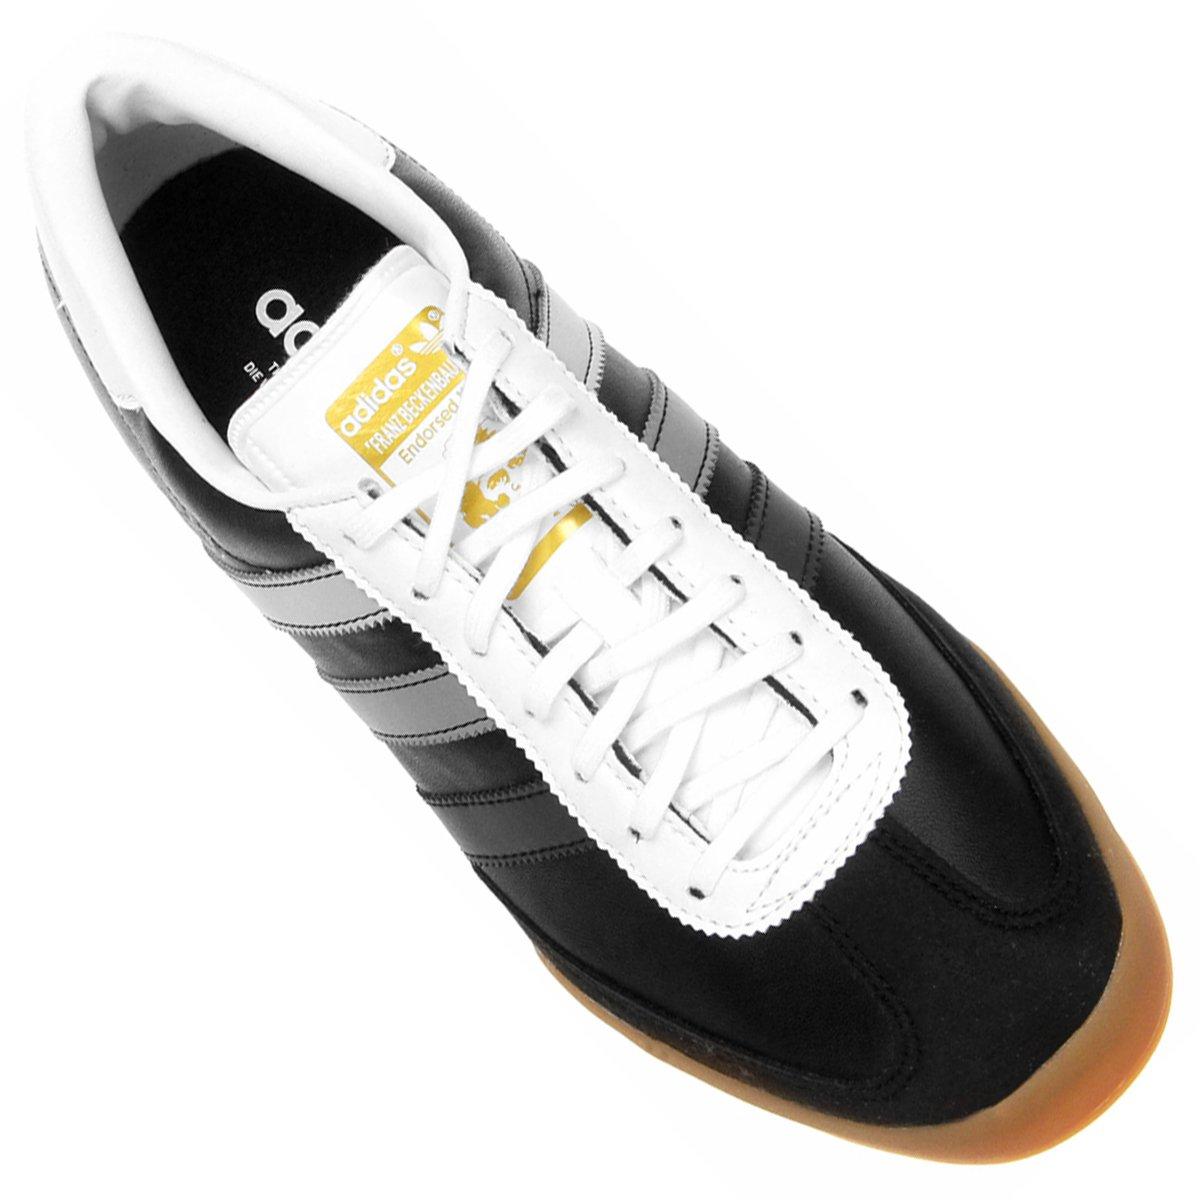 ... Tênis Adidas Beckenbauer  Tênis Adidas Beckenbauer 1c9b5f57916